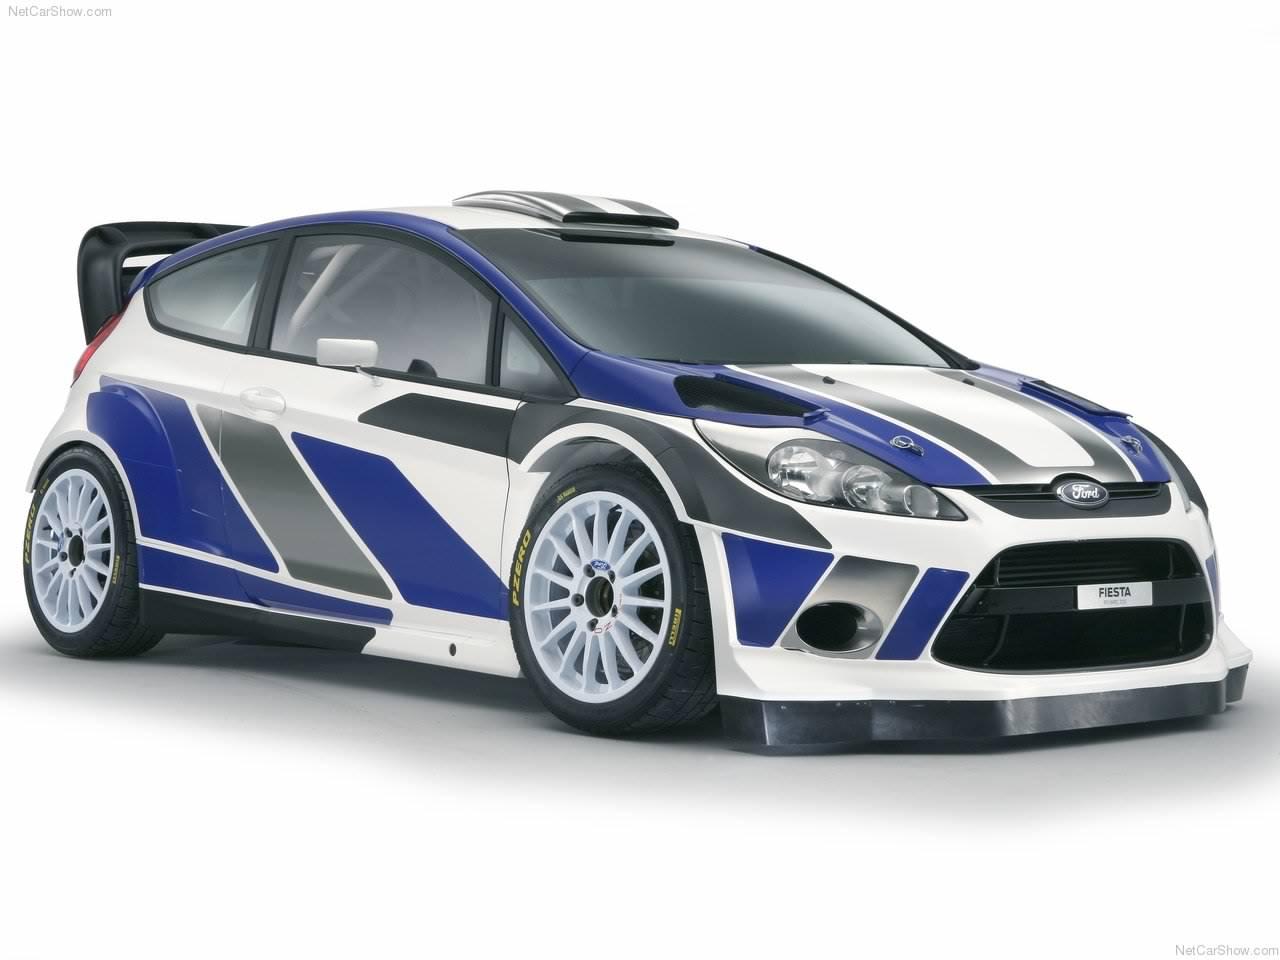 http://3.bp.blogspot.com/_1vrTNYggO-A/TQ3F8rxx6PI/AAAAAAAAAEk/0zr7Pgr6cAc/s1600/Ford-Fiesta_RS_WRC_2011_1280x960_wallpaper_03.jpg